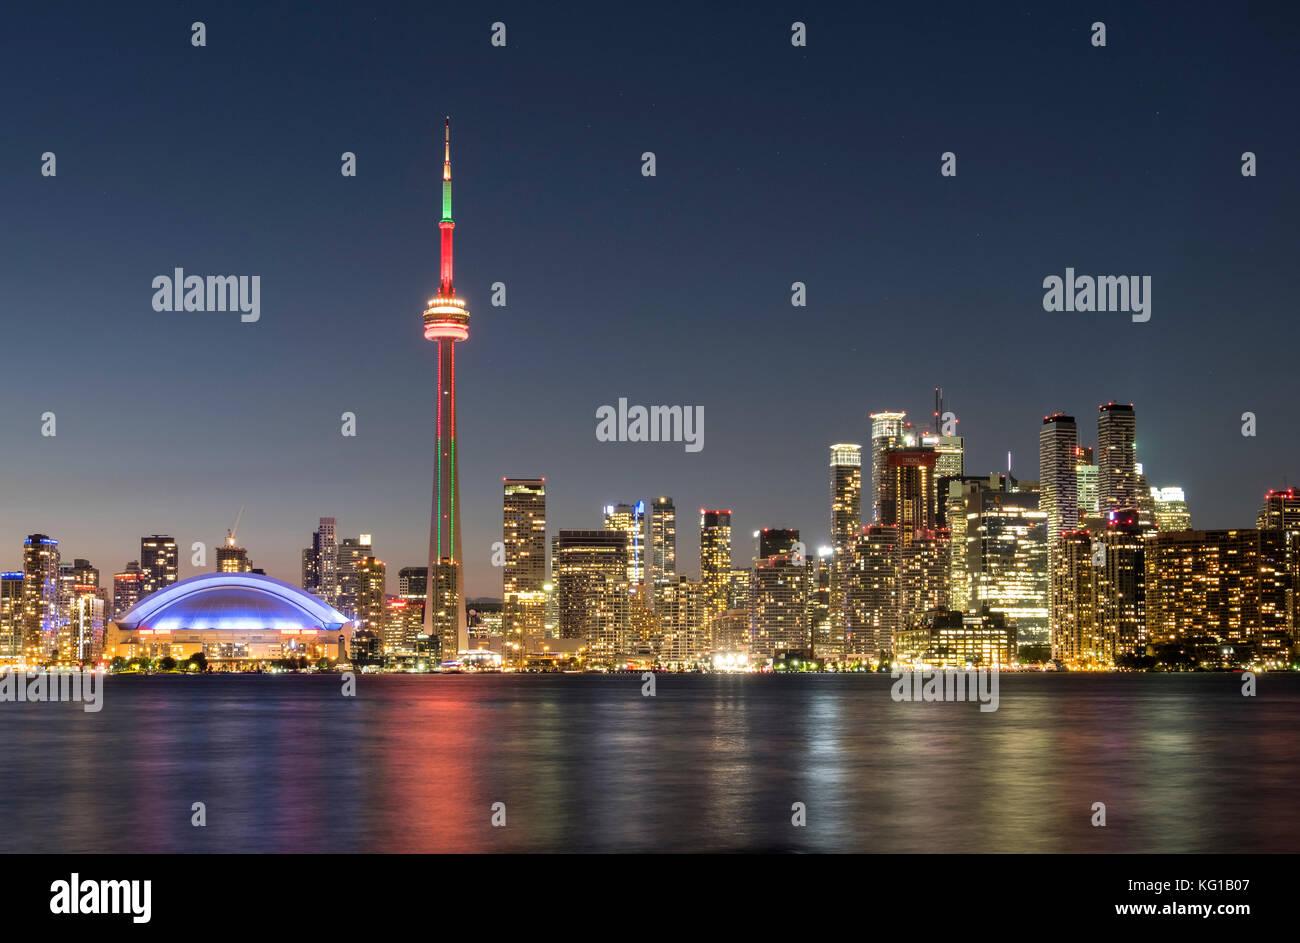 Ville de Toronto avec la Tour du CN la nuit, de l'île de Toronto, Toronto, Ontario, Canada Banque D'Images